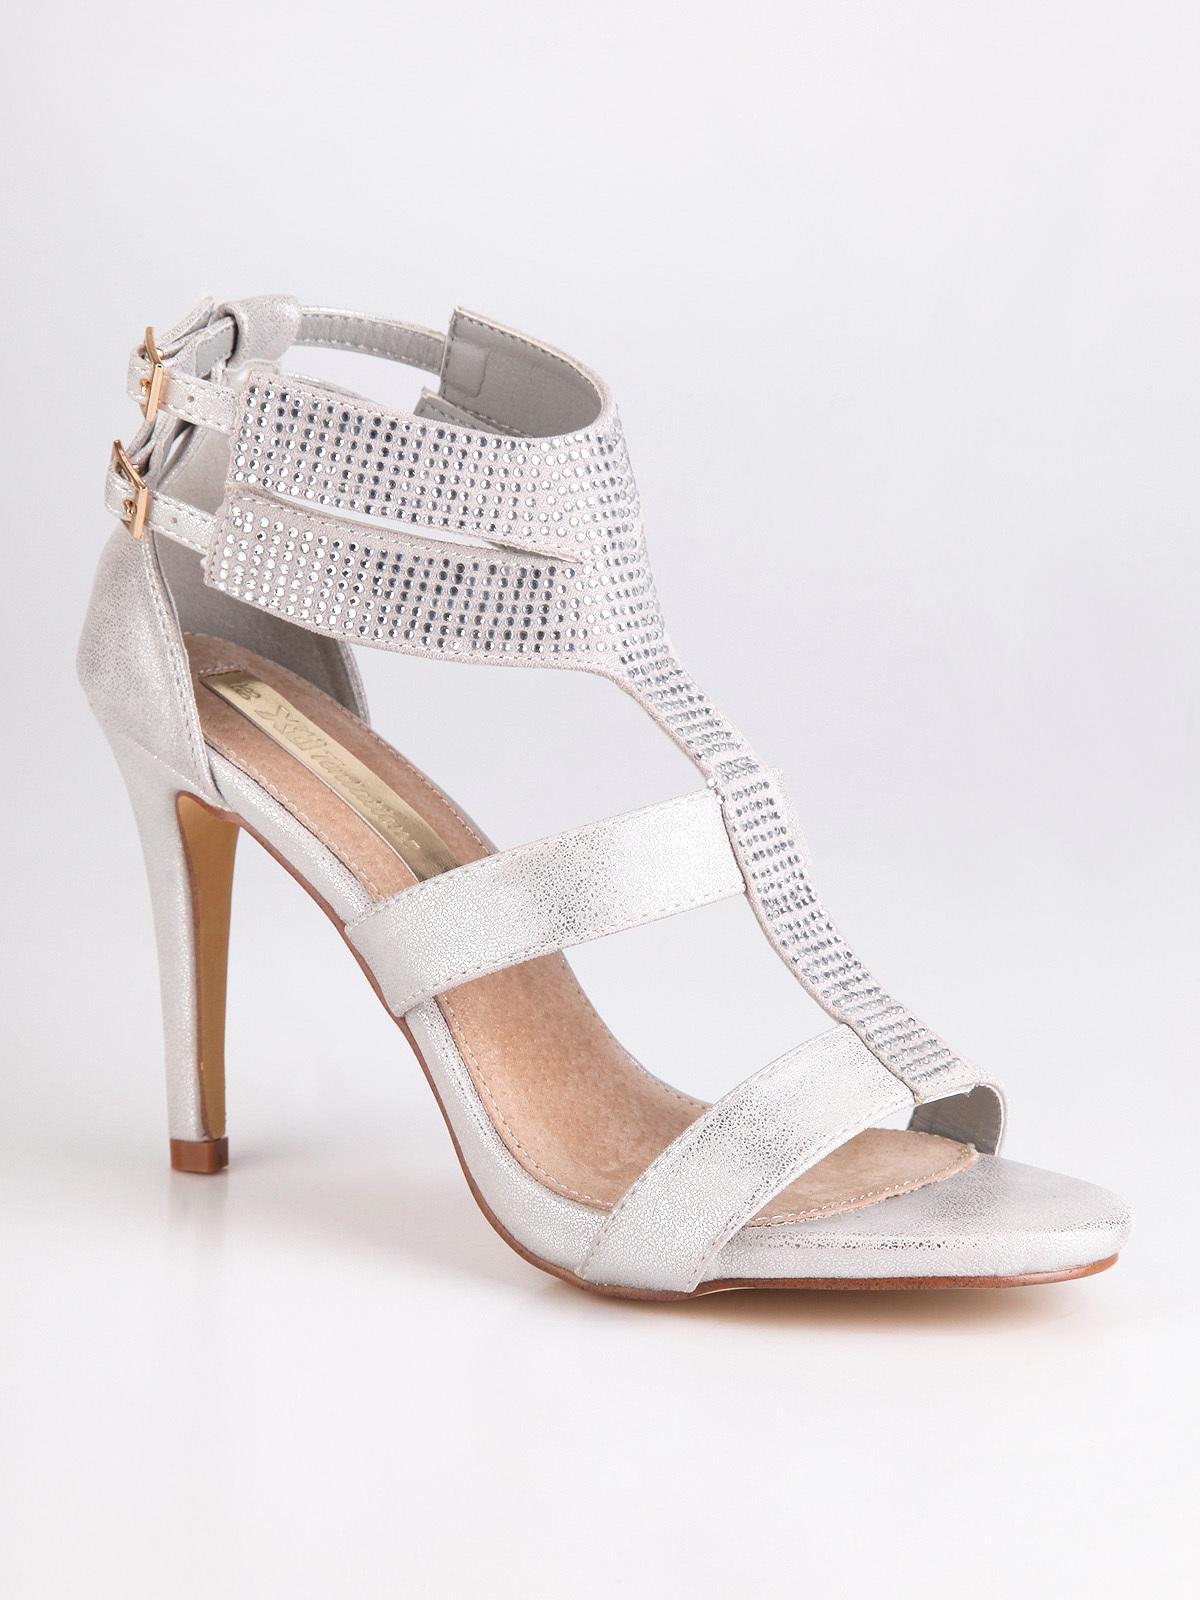 Sandali argento con tacco e strass solada | MecShopping